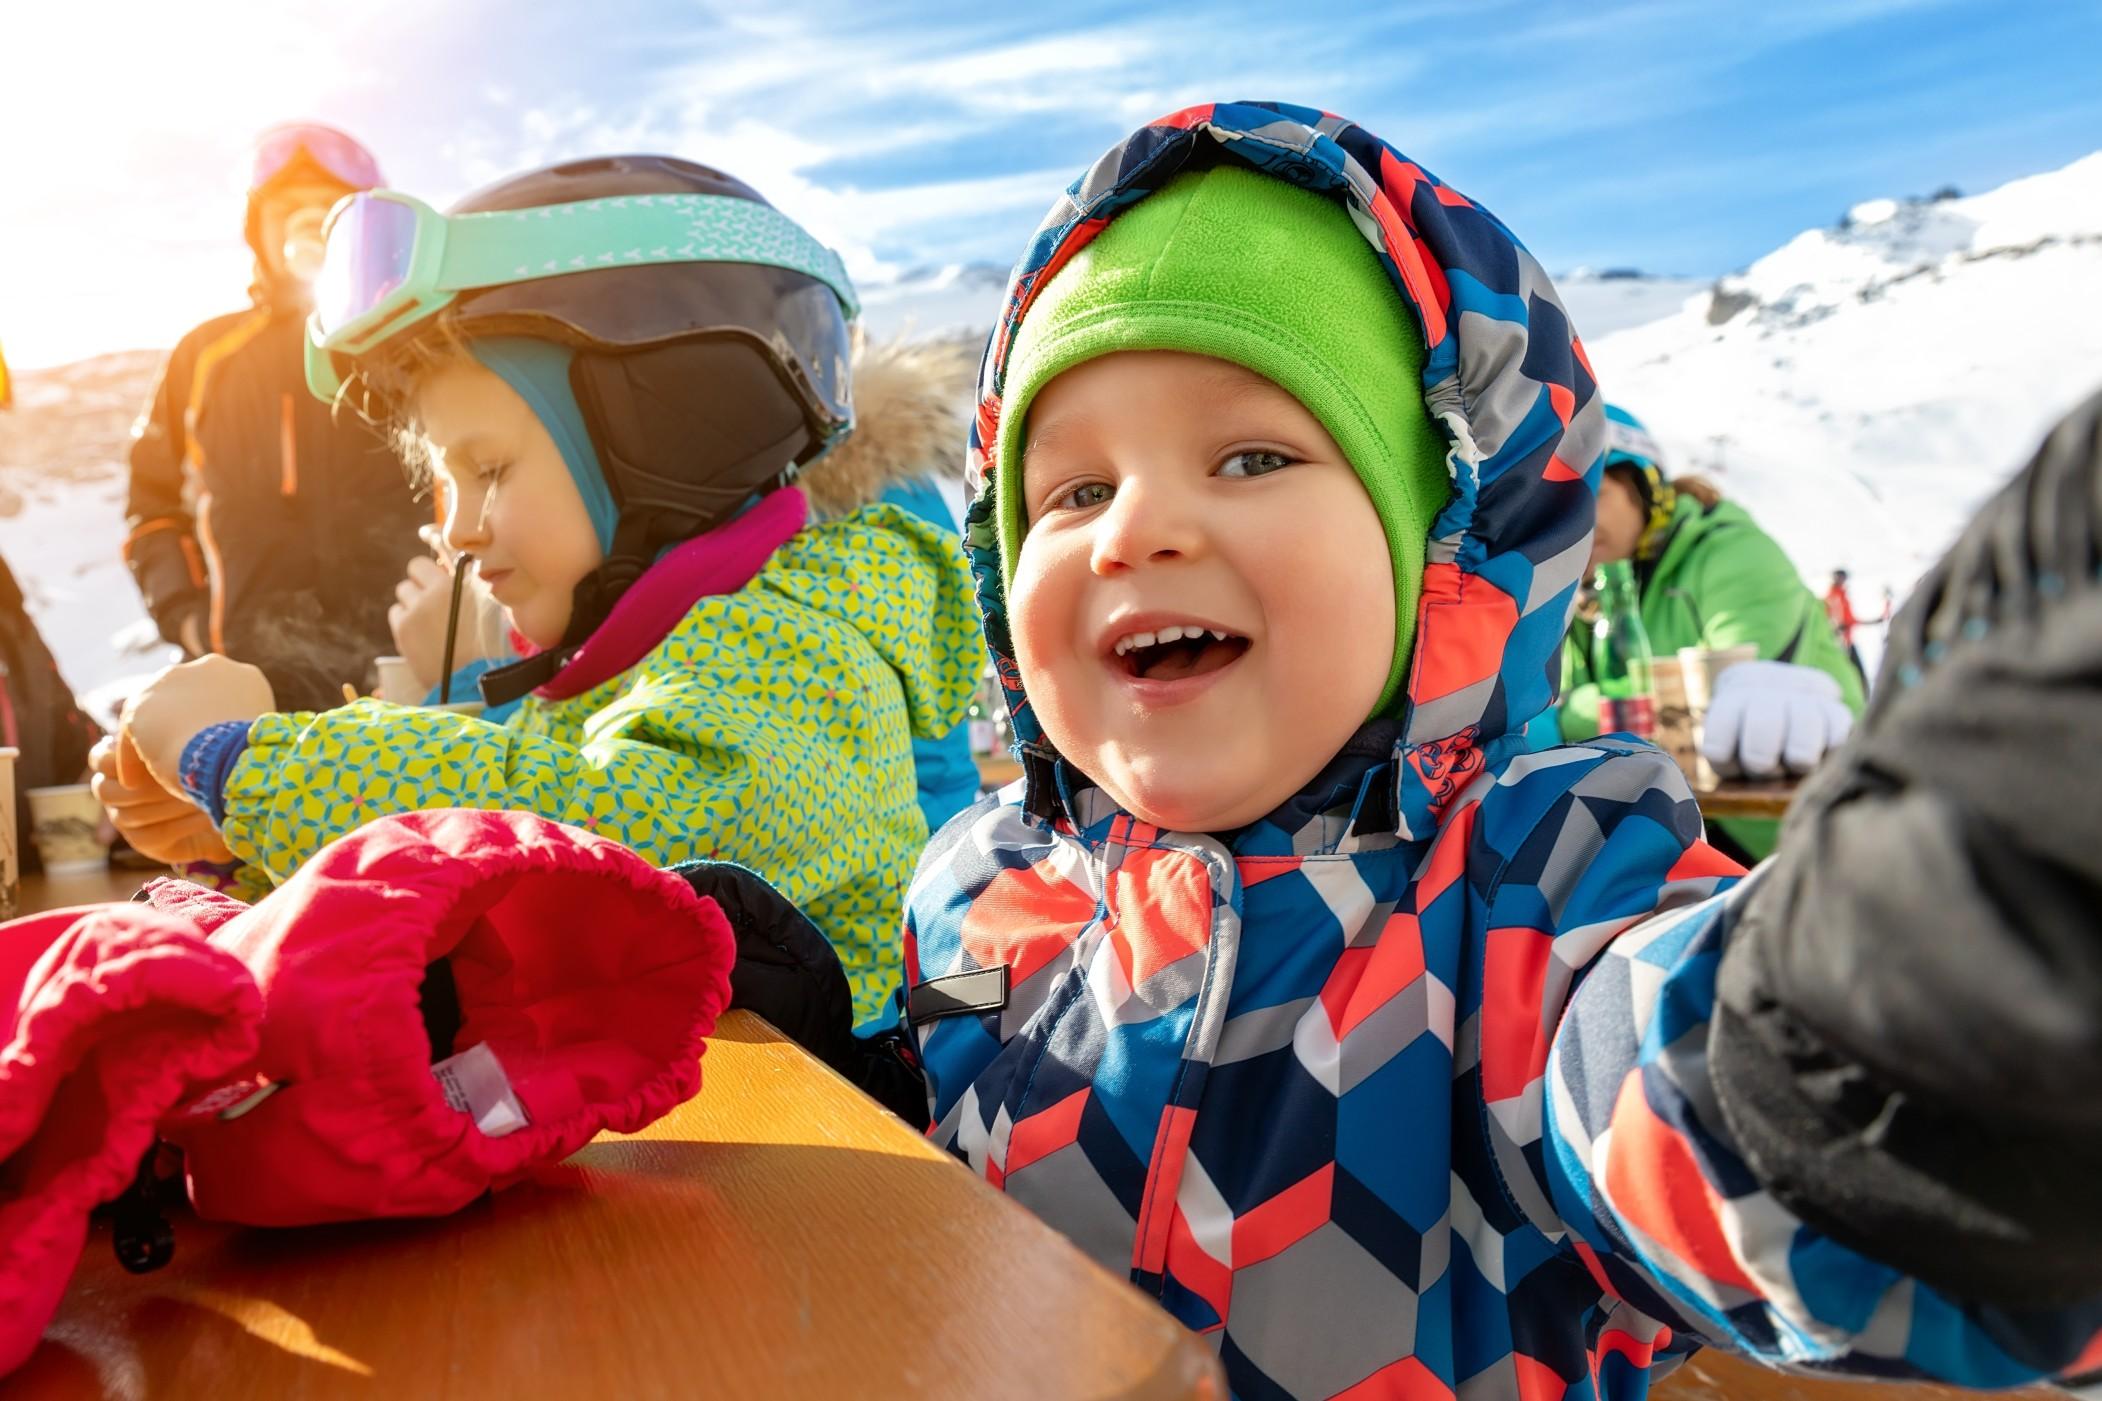 Skigenuss mit Kindern als Familie in Österreich! Bild:@gorlovkv via Twenty20